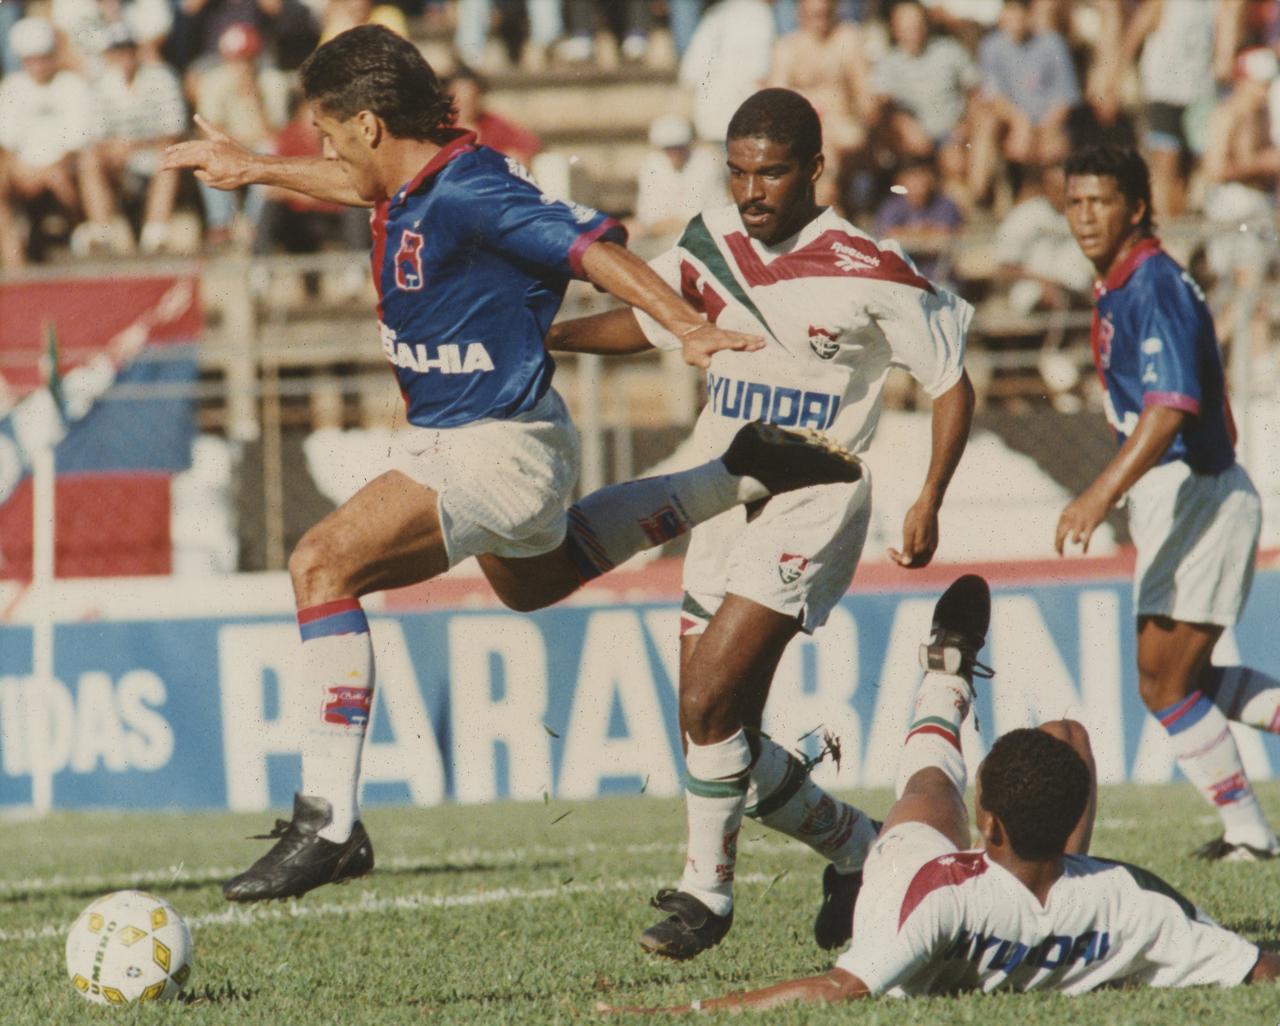 Maurílio em ação pelo Paraná em 1995. Foto: Antonio Costa/Arquivo/Gazeta do Povo.